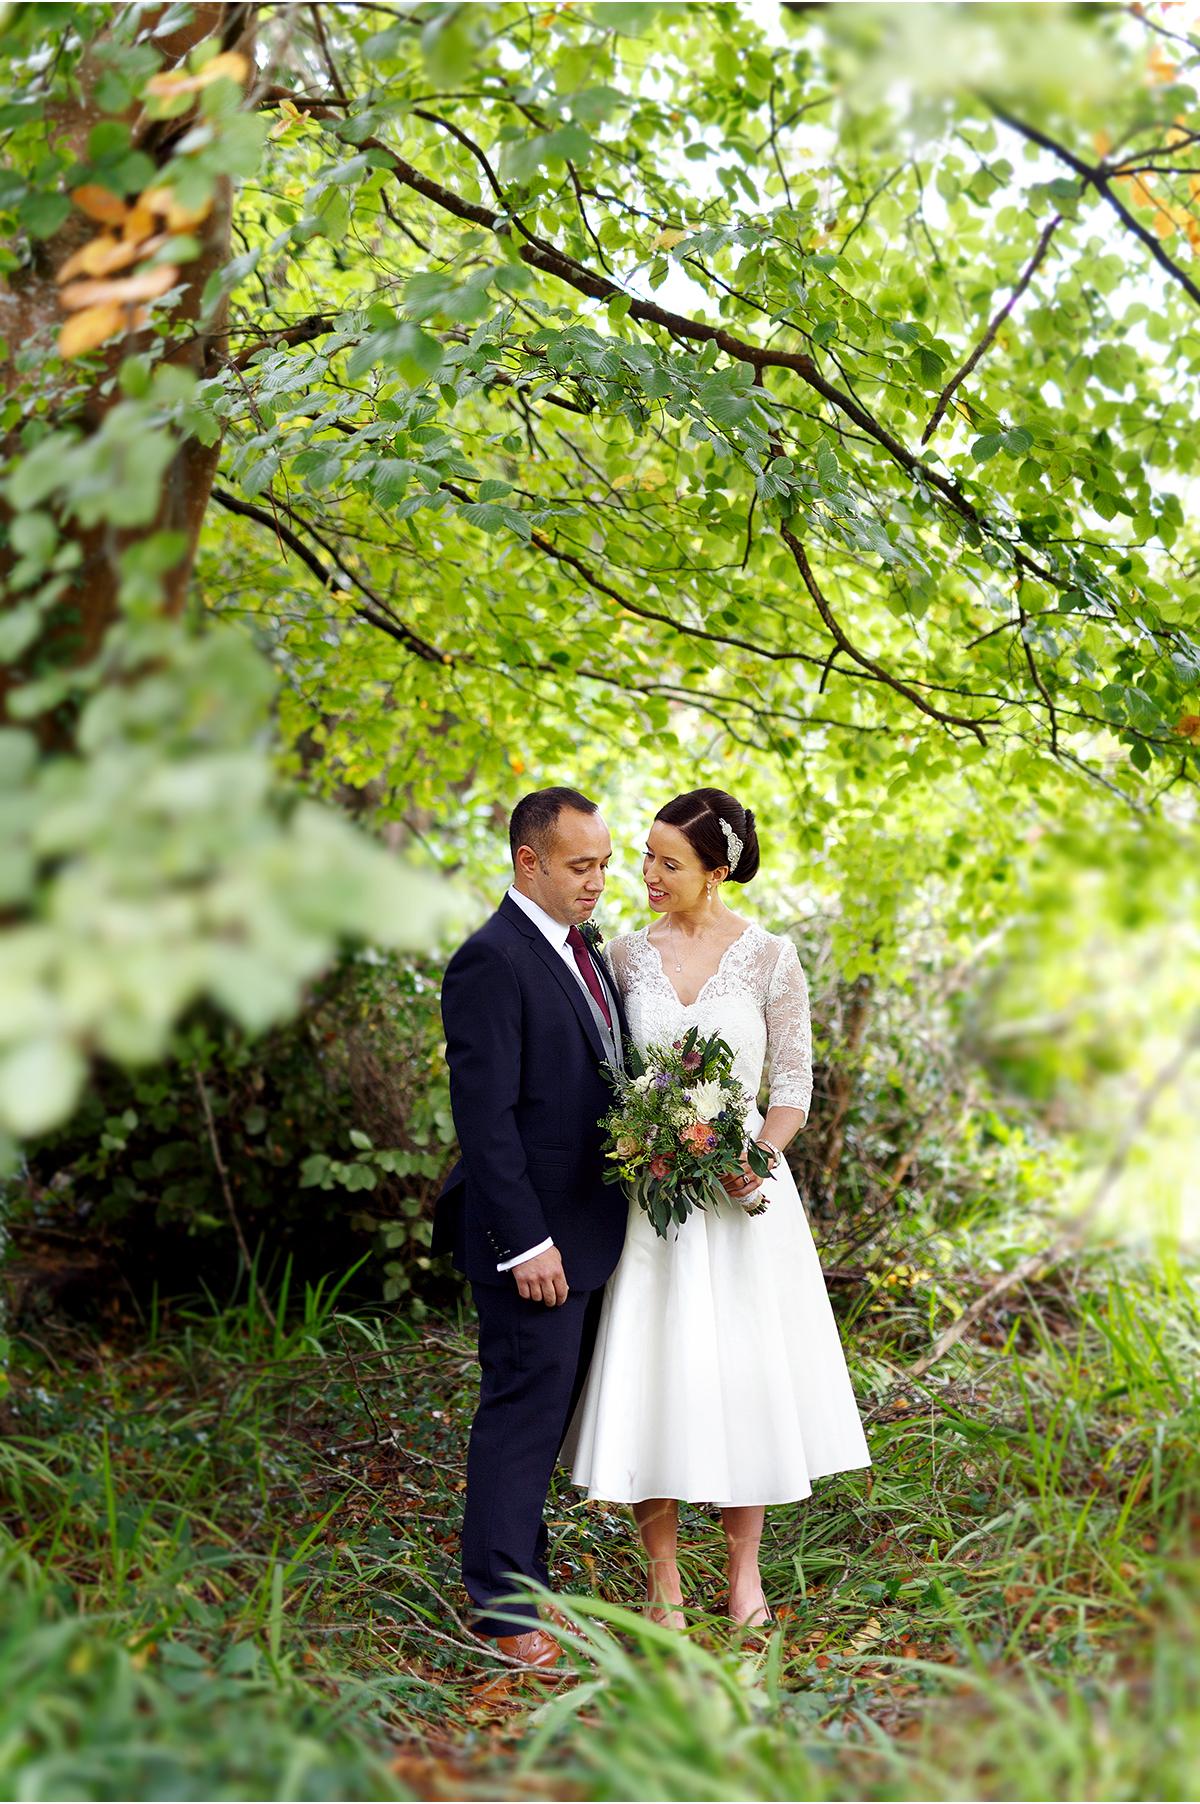 Carrig Country House garden wedding